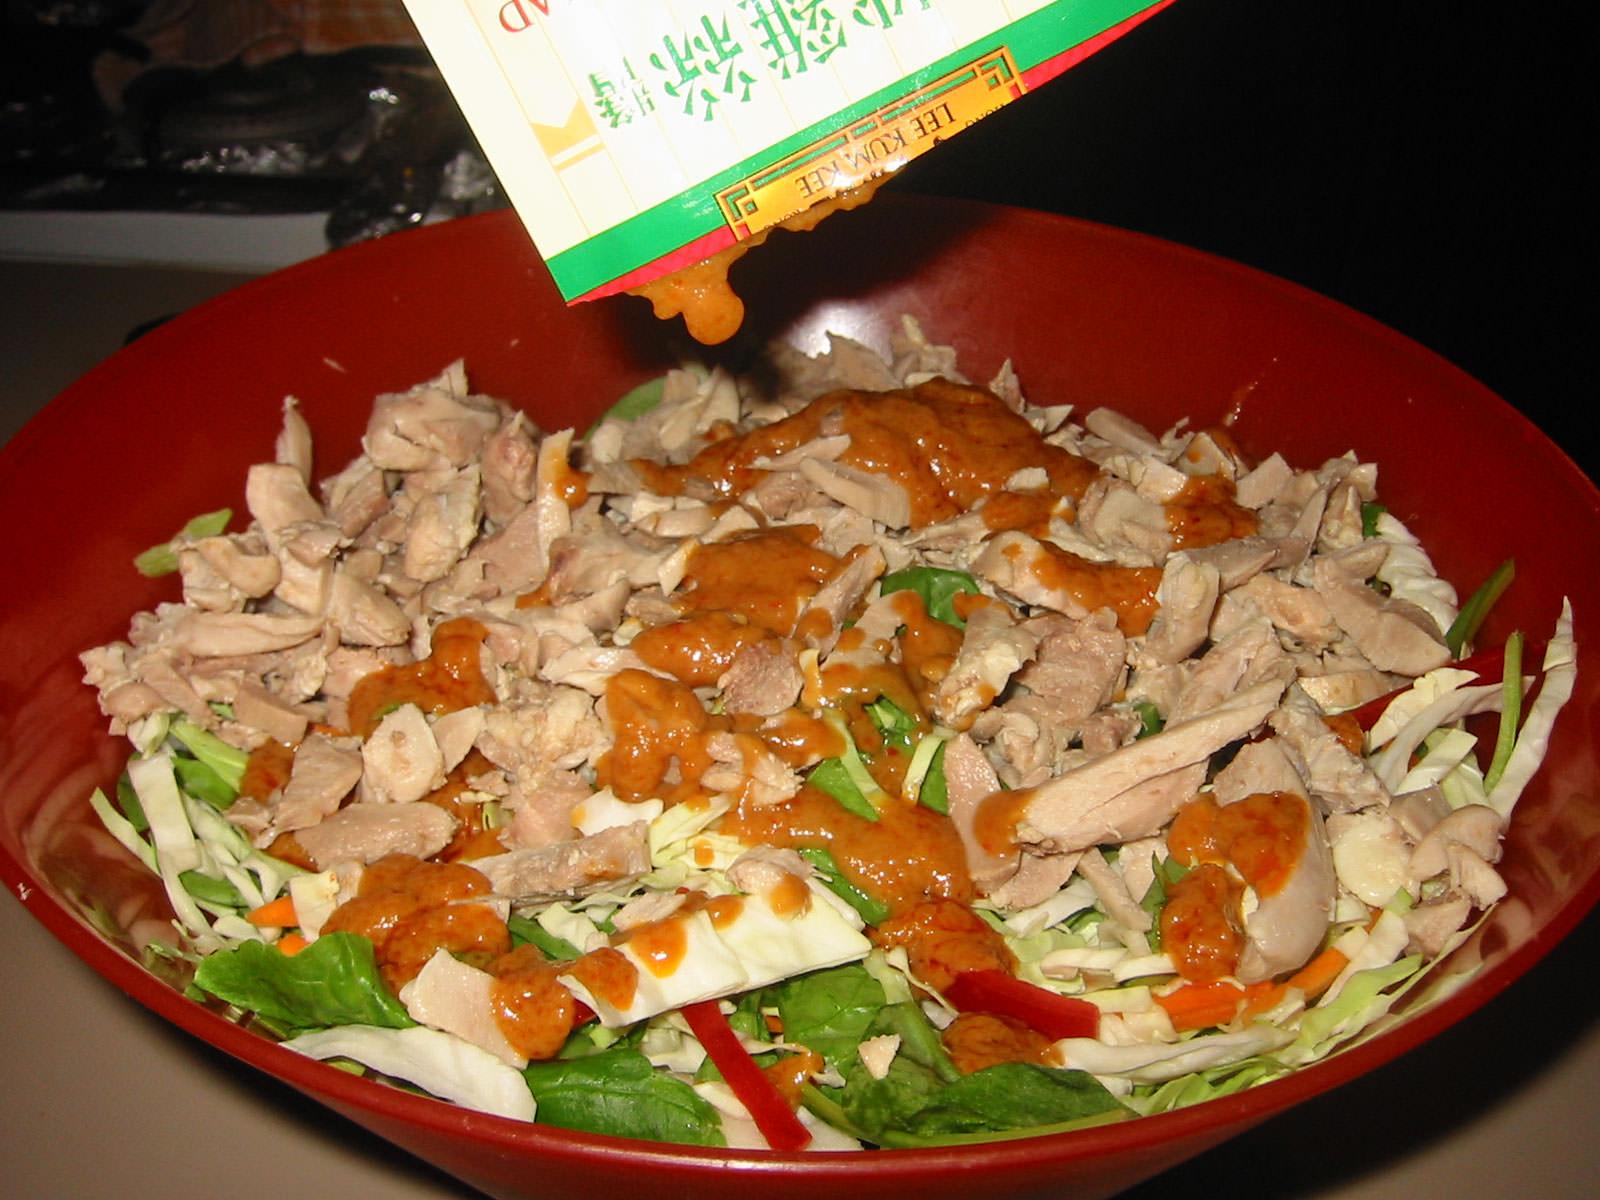 Chinese chicken sald